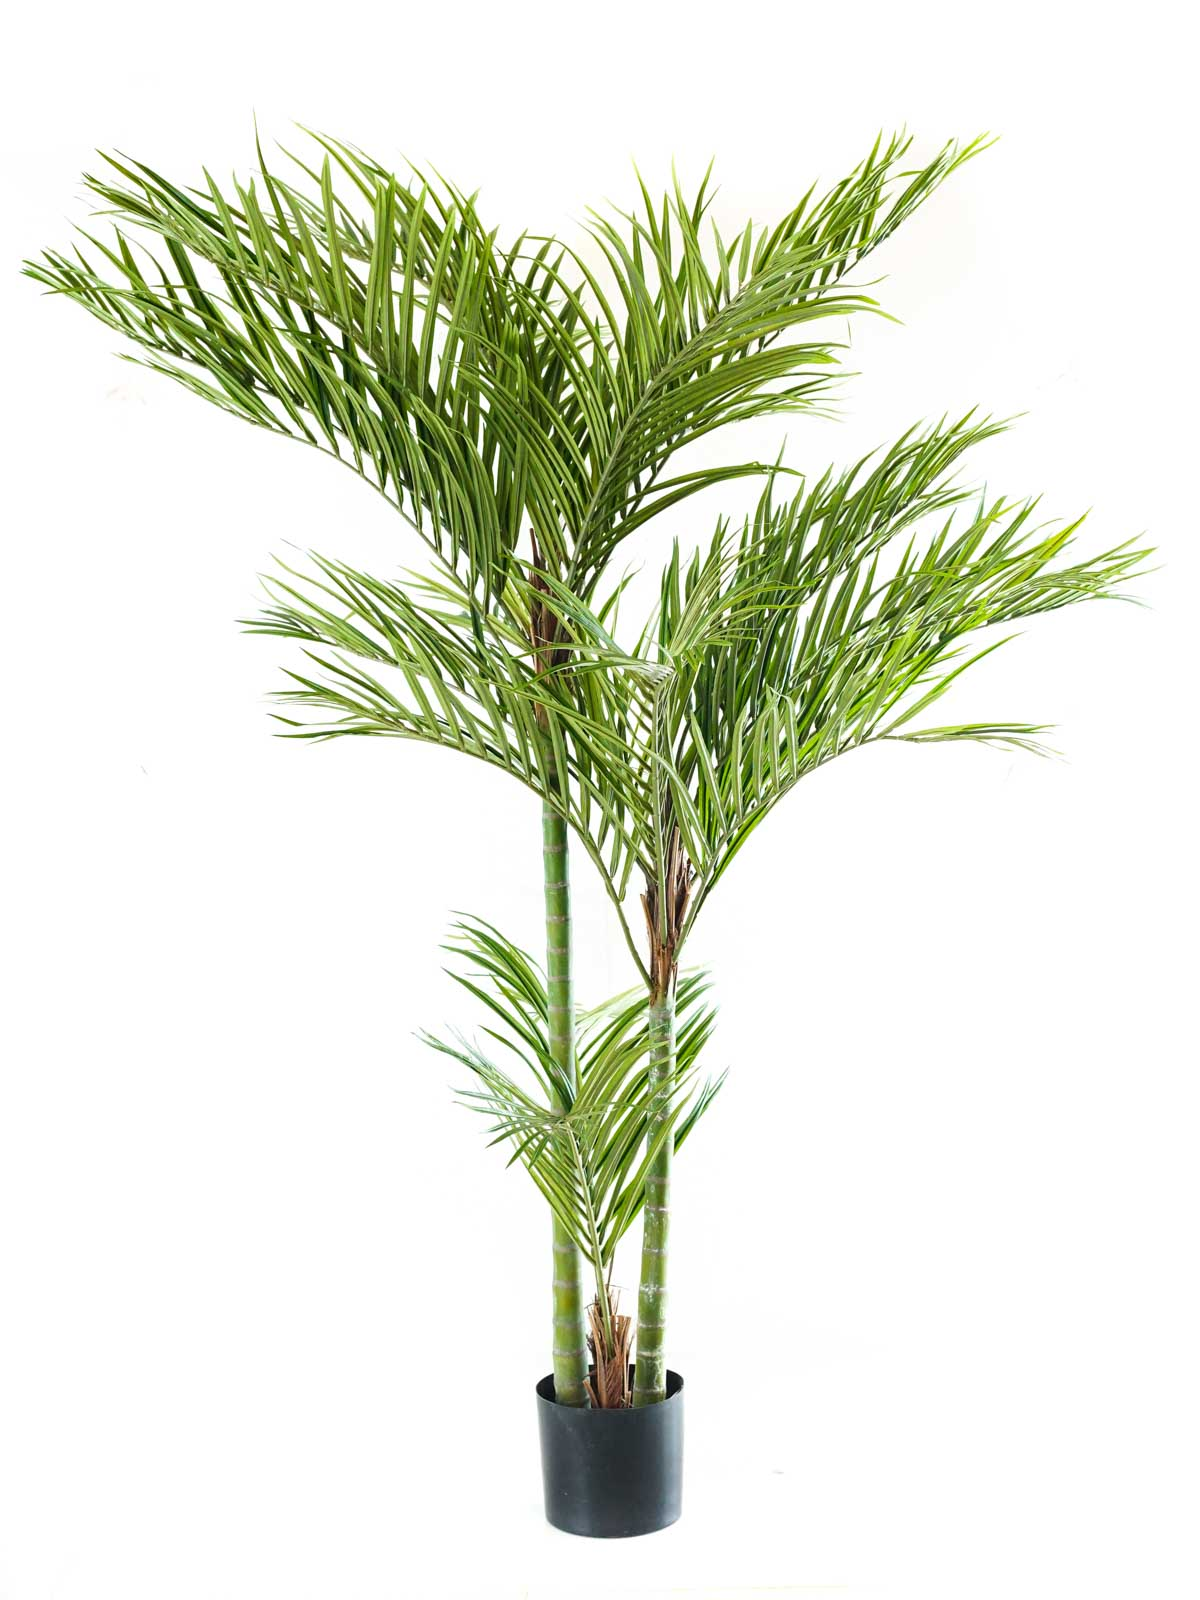 نخلة الاريكا - وسط نباتات اصطناعية